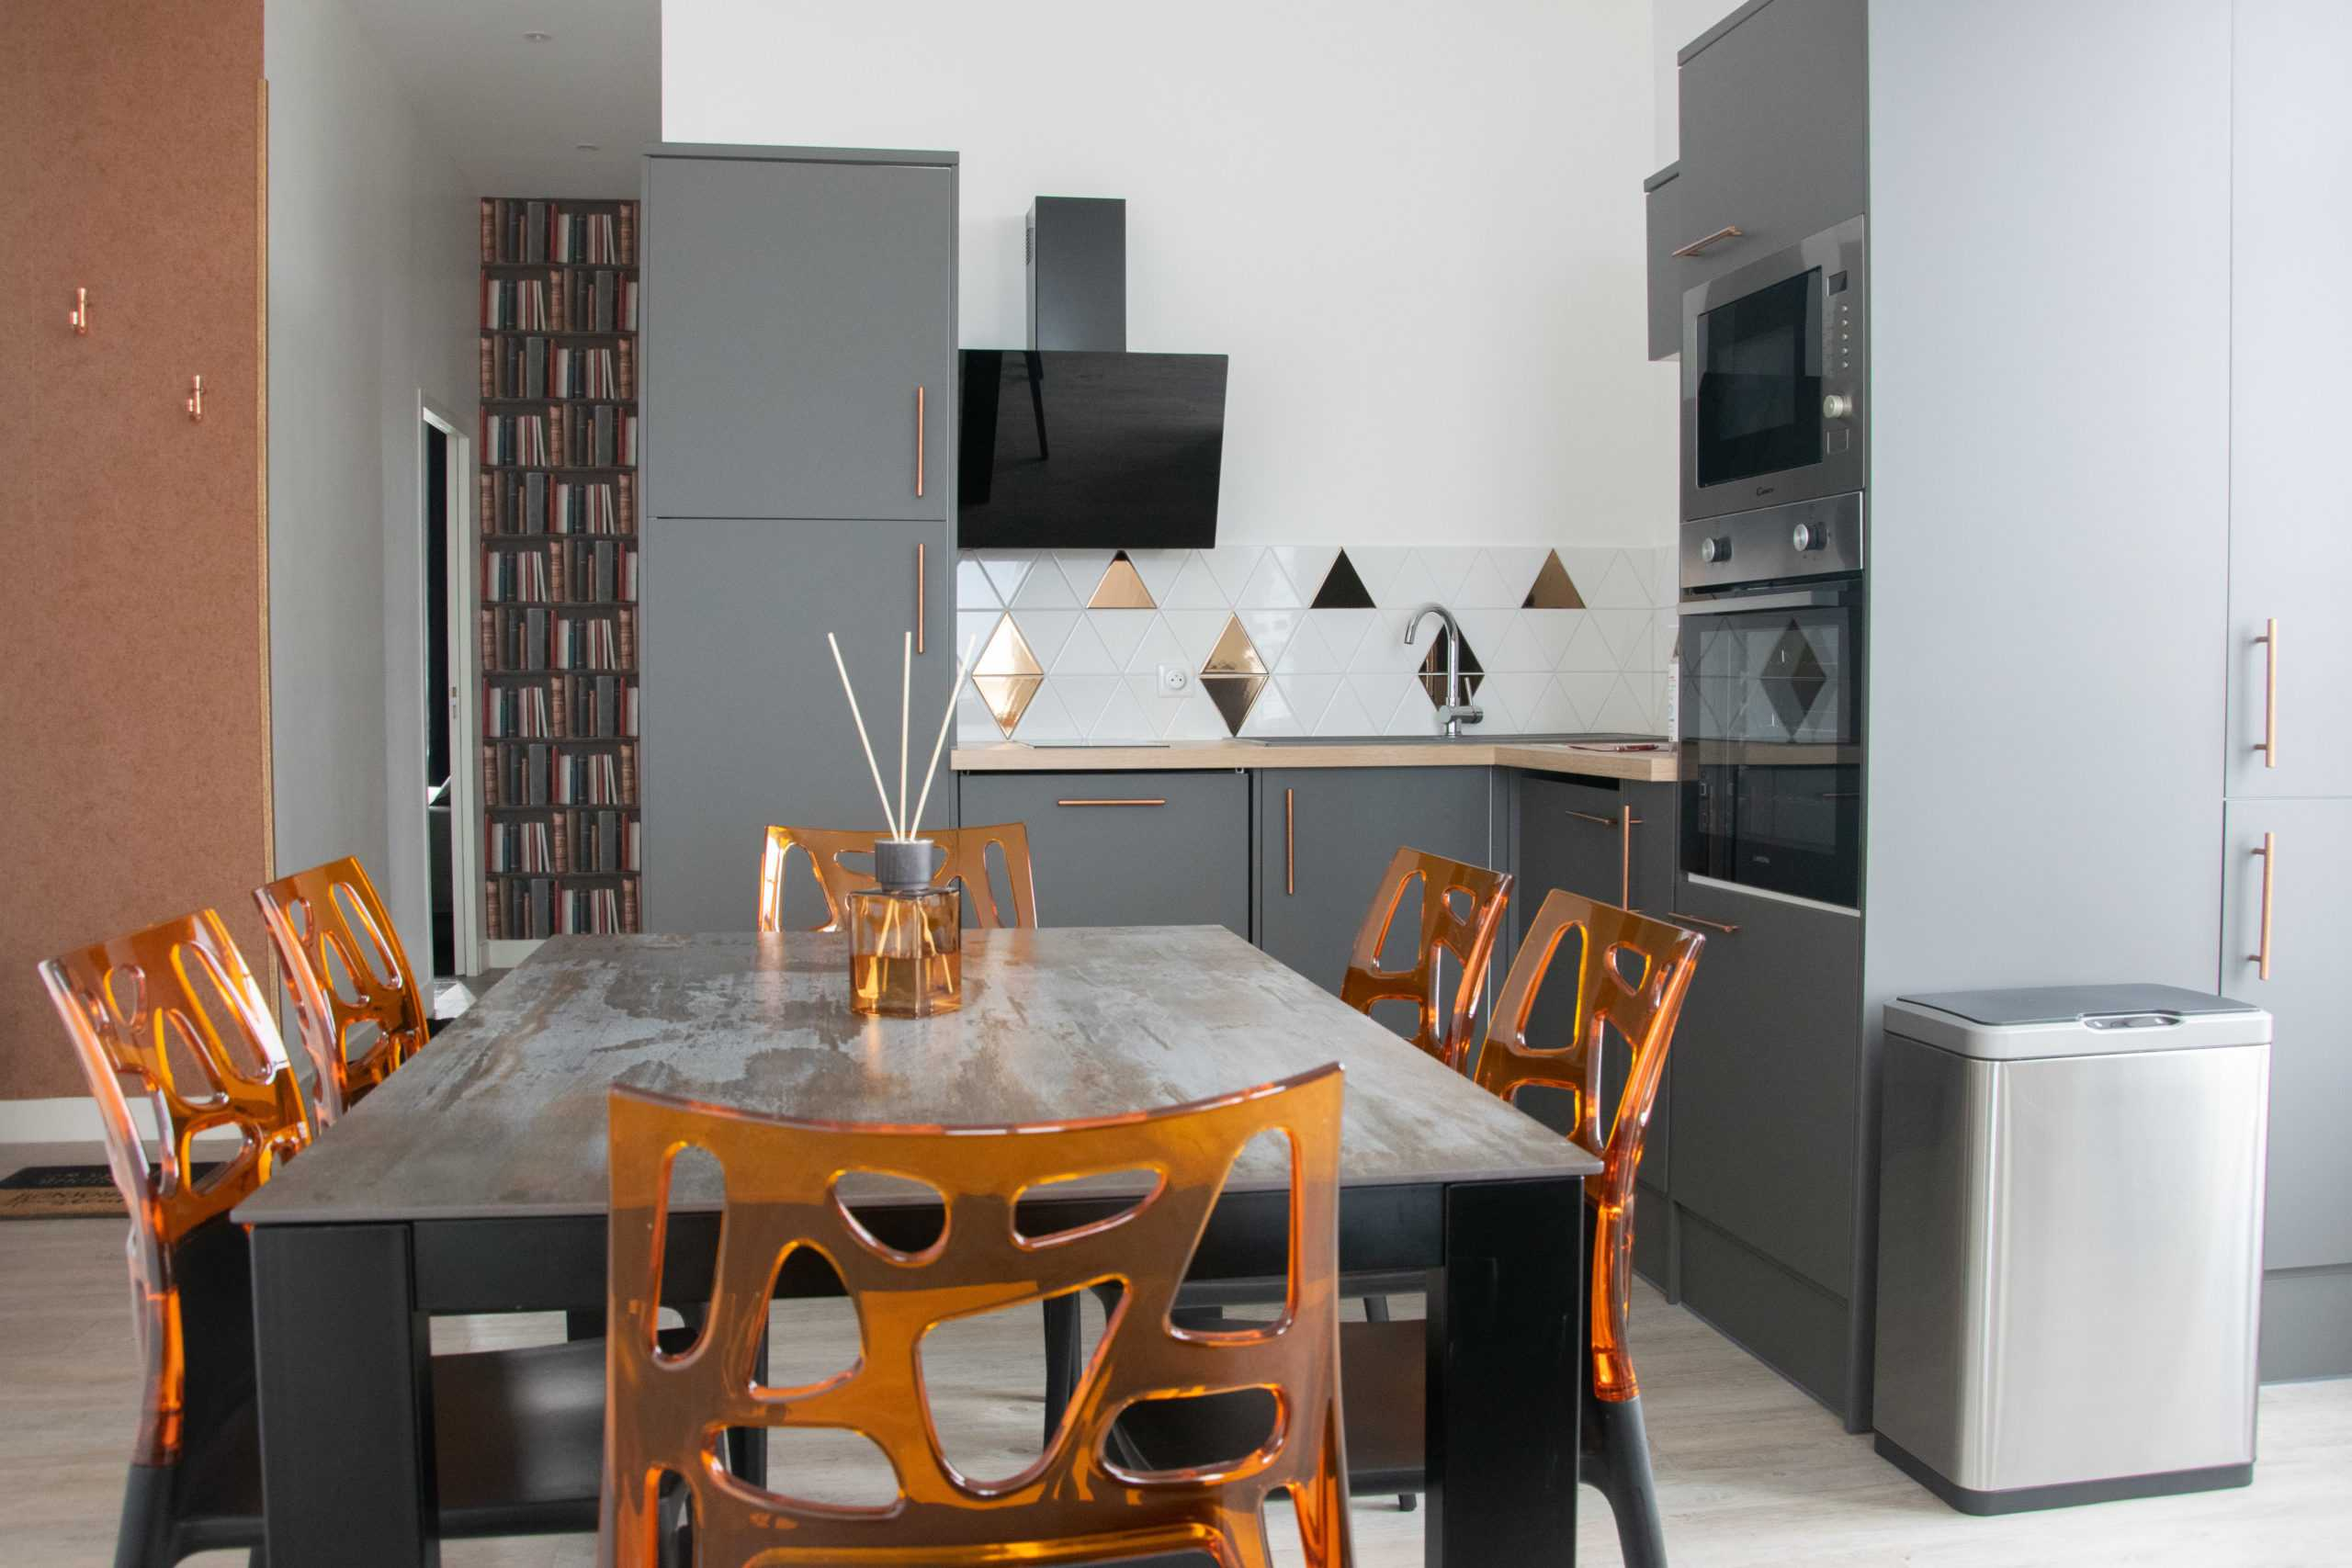 Appartement 15eme Droite Tour Perret - amiens tourisme - cuisine salle à manger